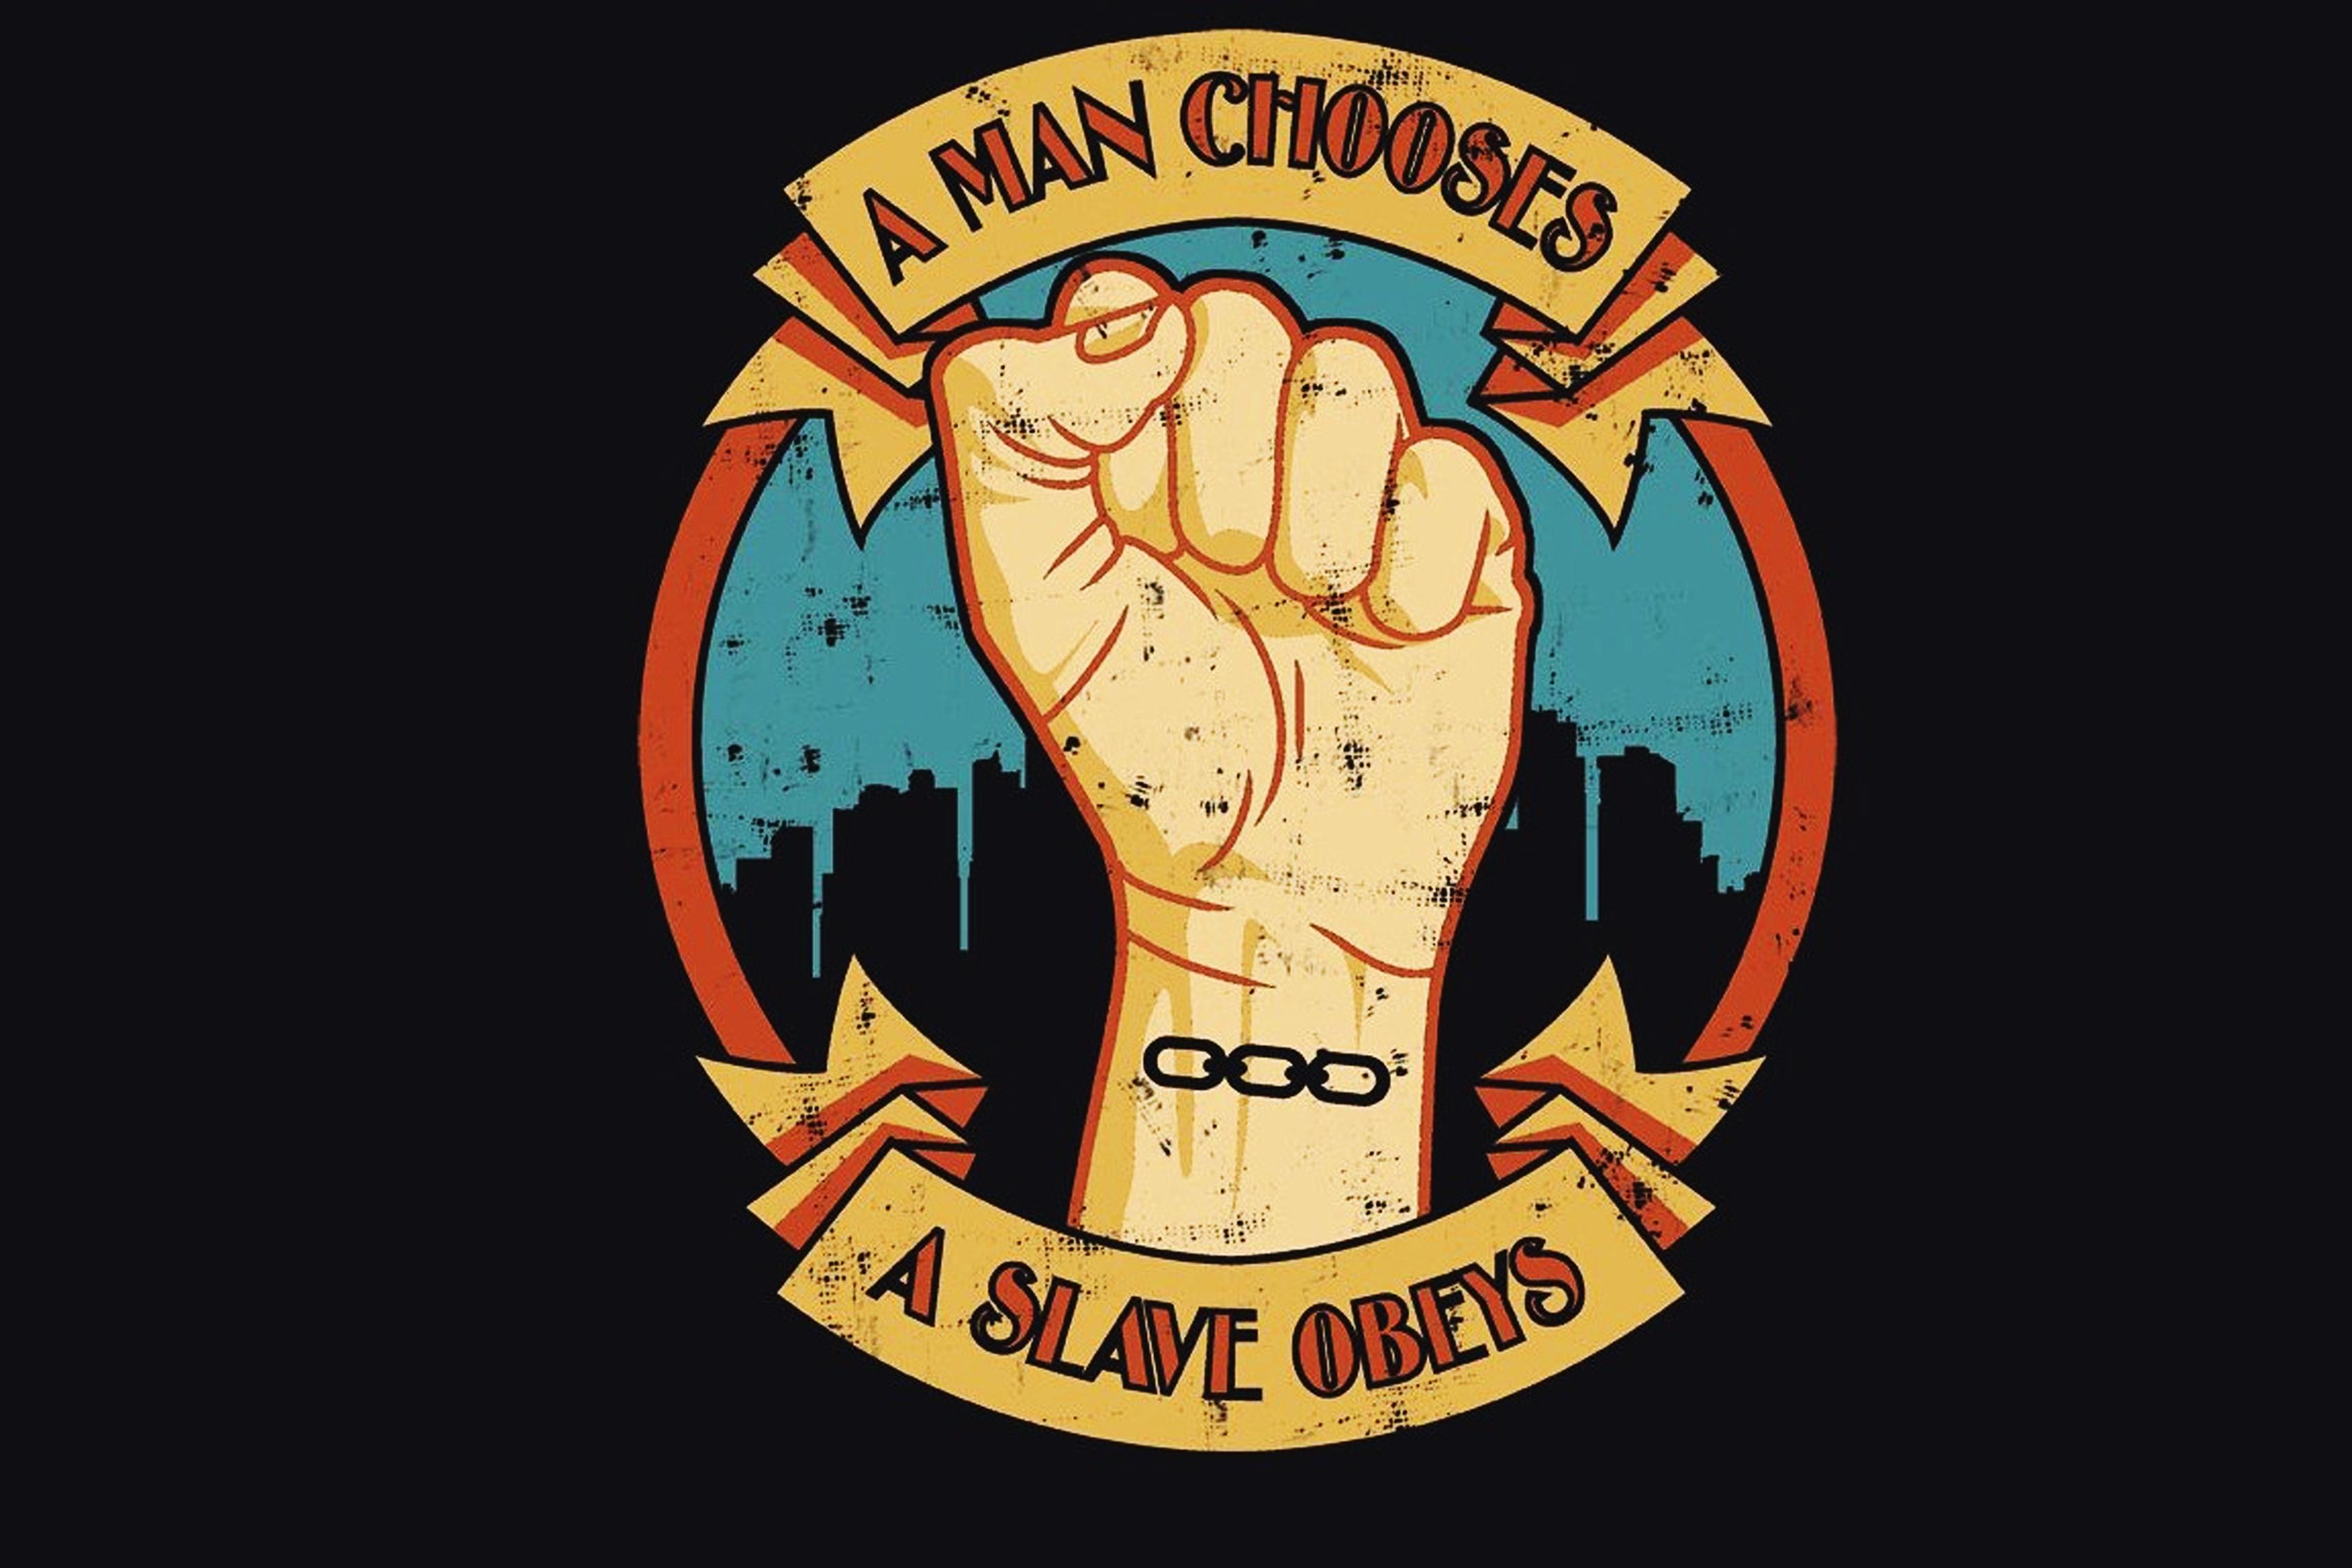 A Man Chooses a Slave Obeys BioShock